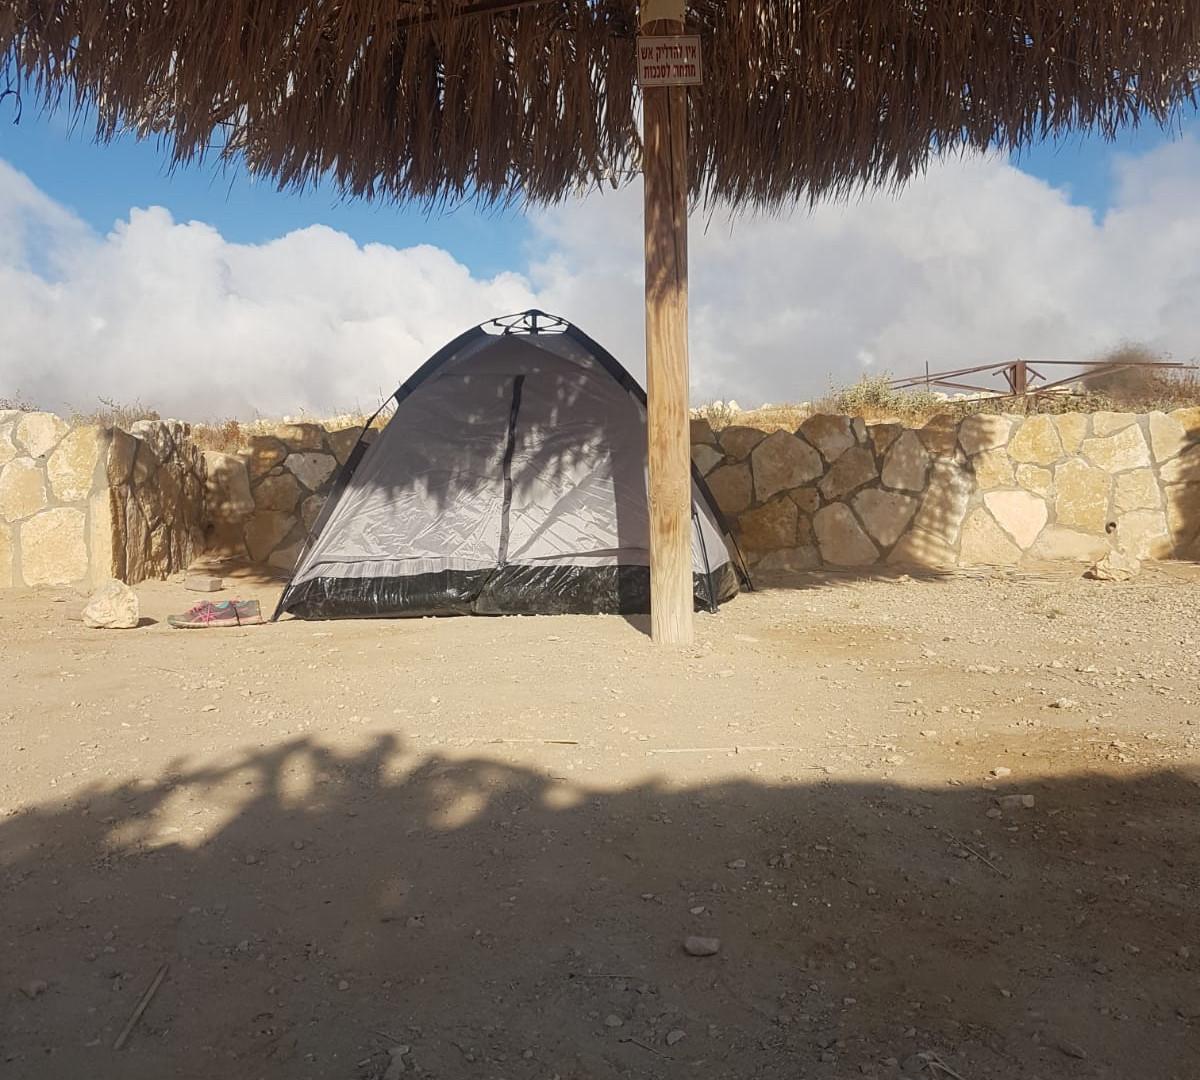 אוהל קמפינג.jpeg